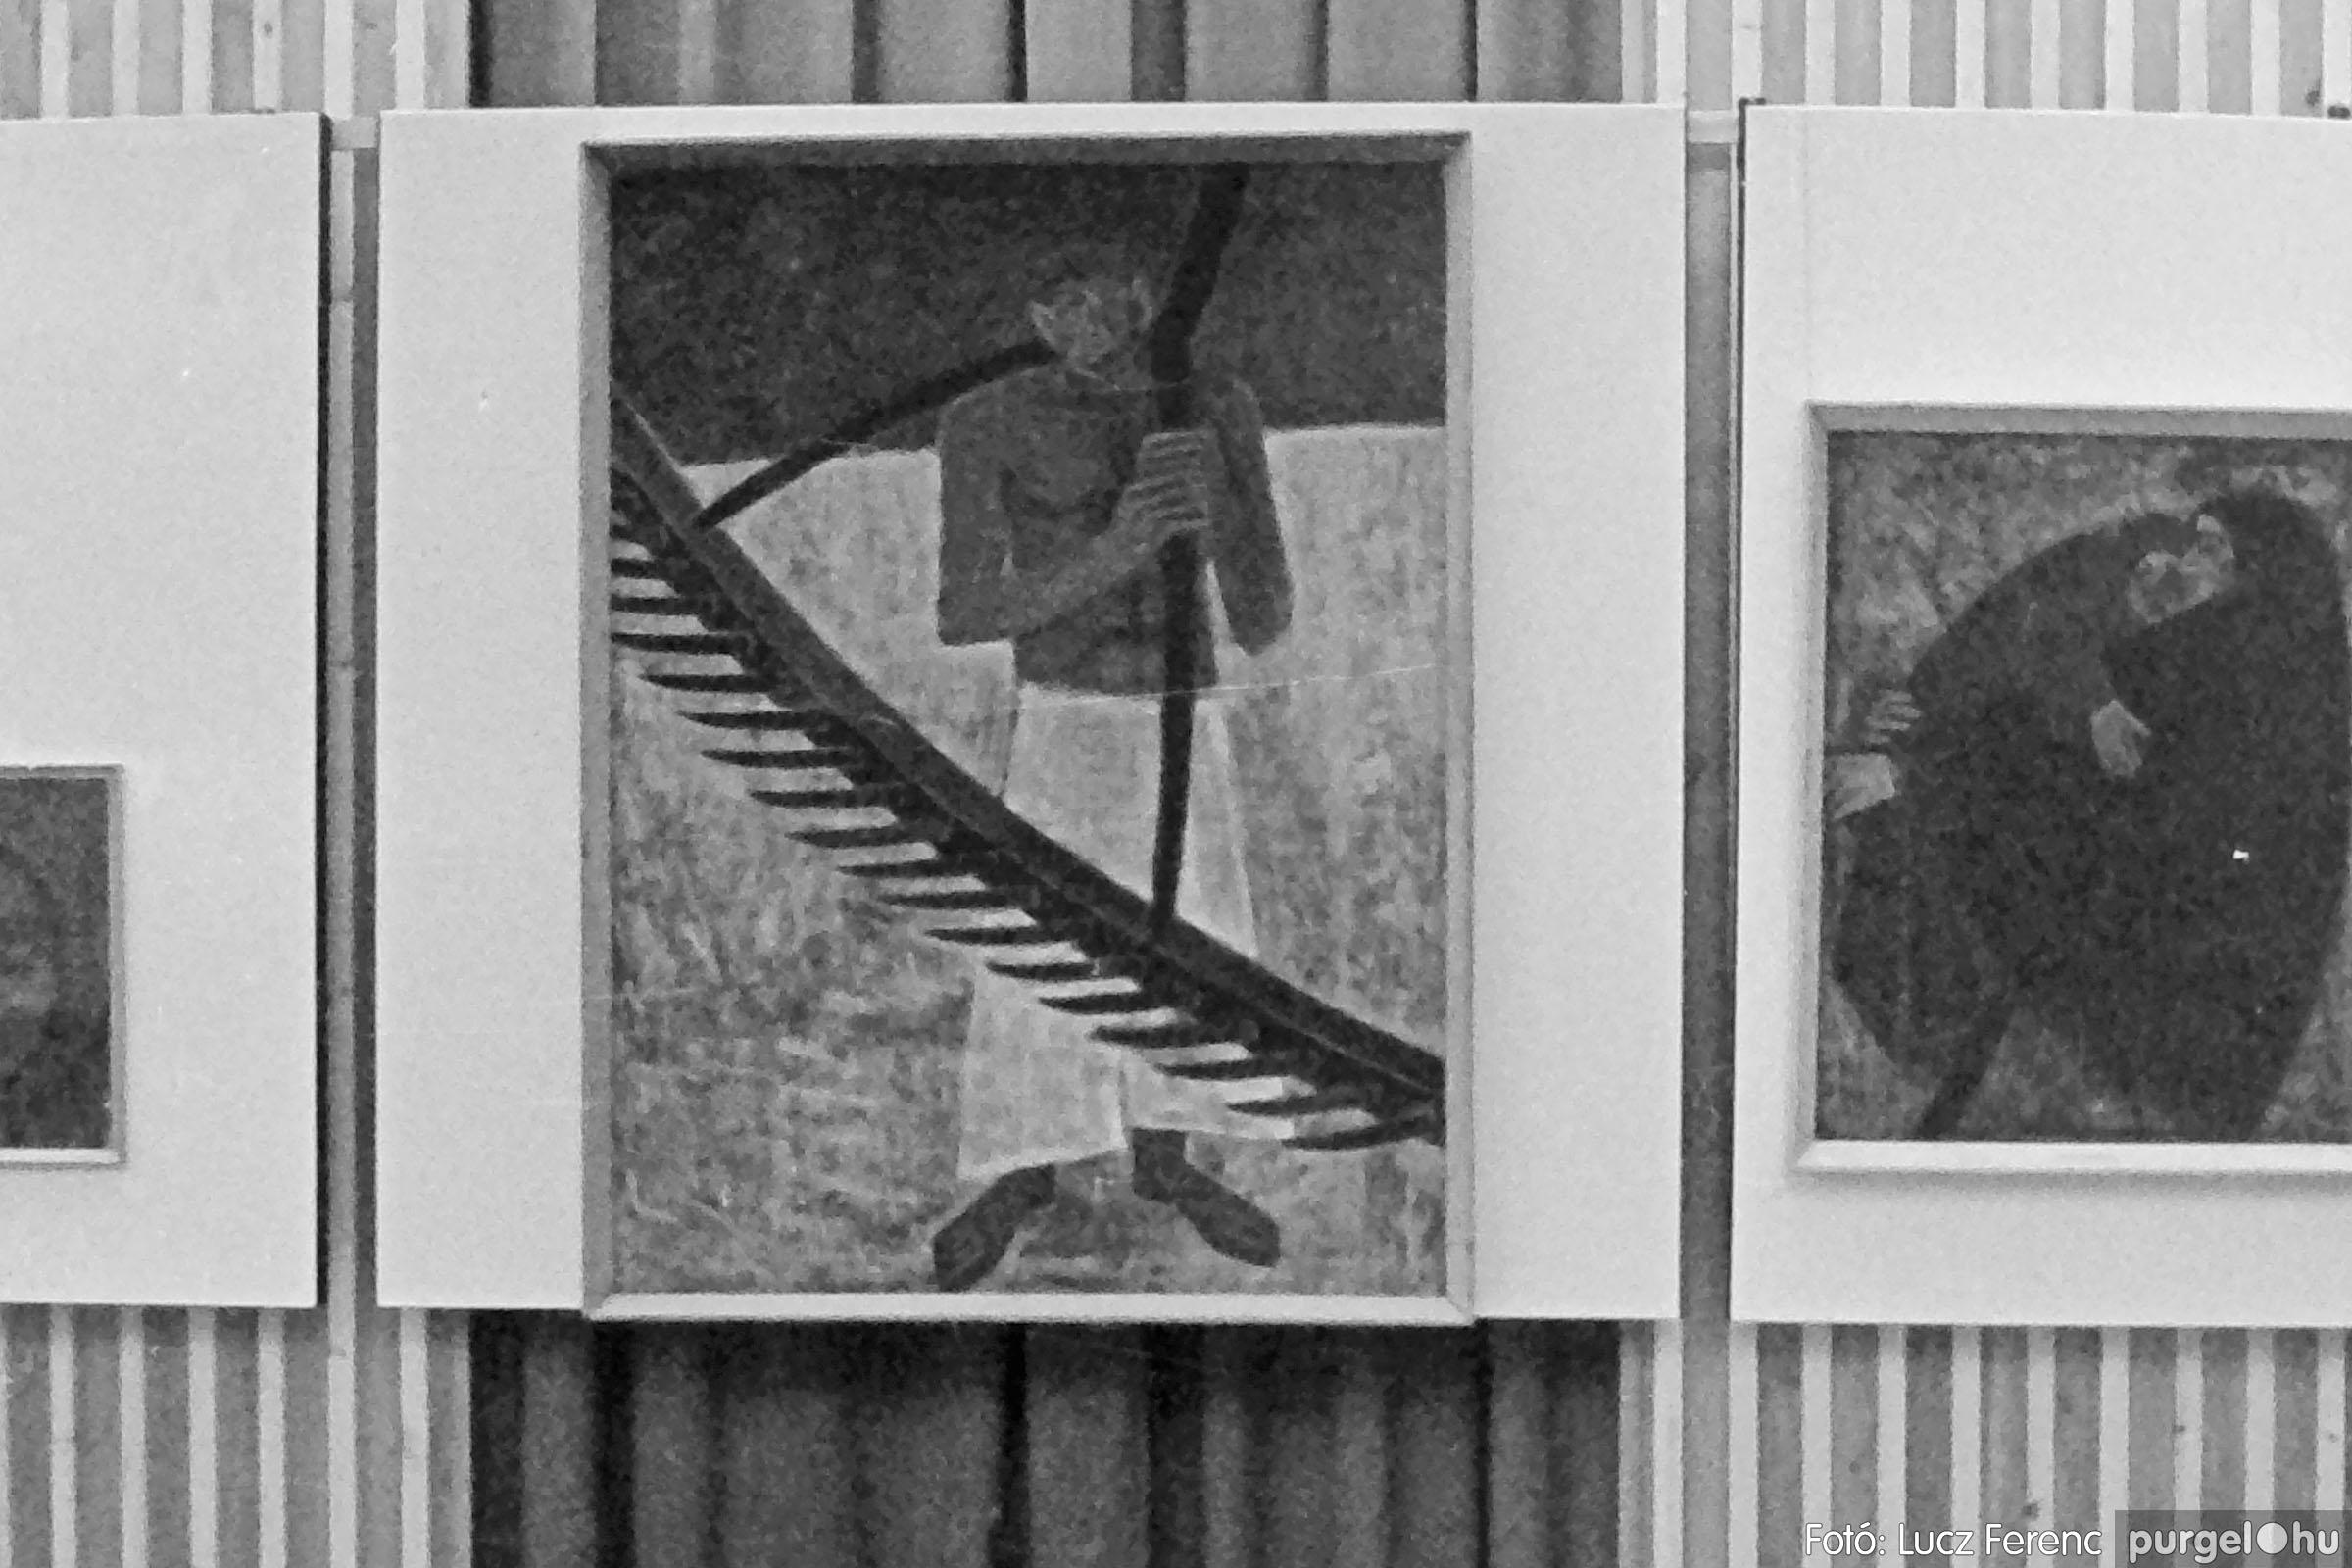 024 1975.10. Németh József és Szalay Ferenc festőművészek kiállítása 015 - Fotó: Lucz Ferenc IMG00215q.jpg